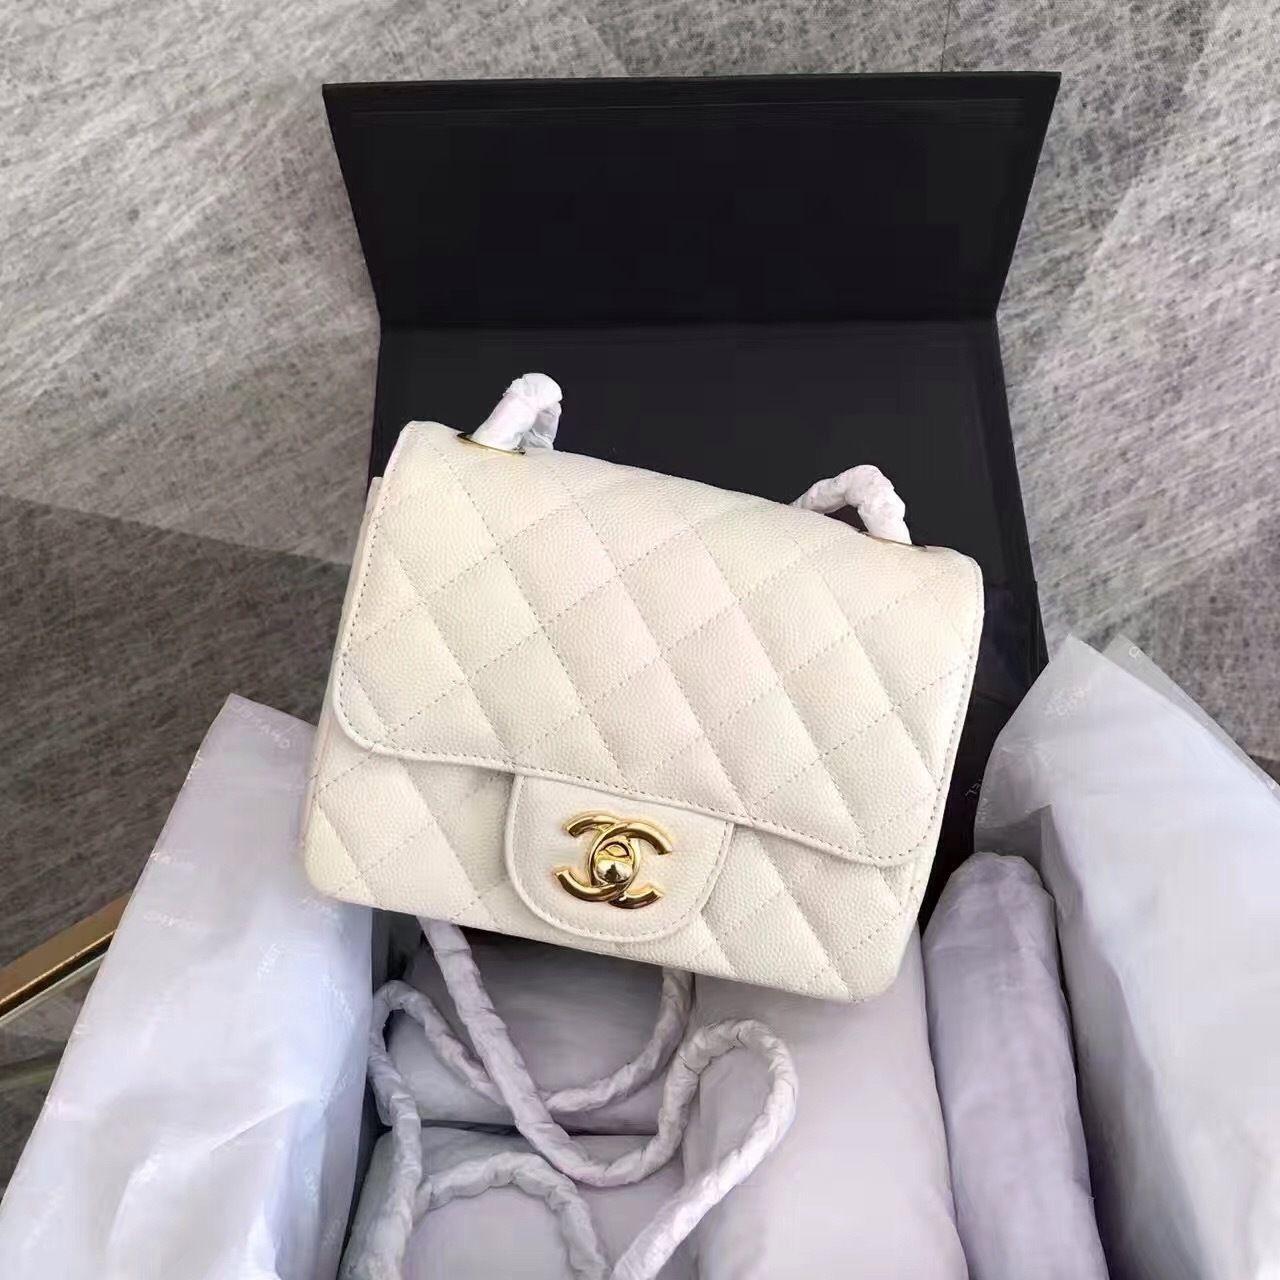 50f8762c66e974 CHANEL White Calfskin Mini Square Classic Flap Chain Shoulder Bag with  Silver Hardware - Bella Vita Moda